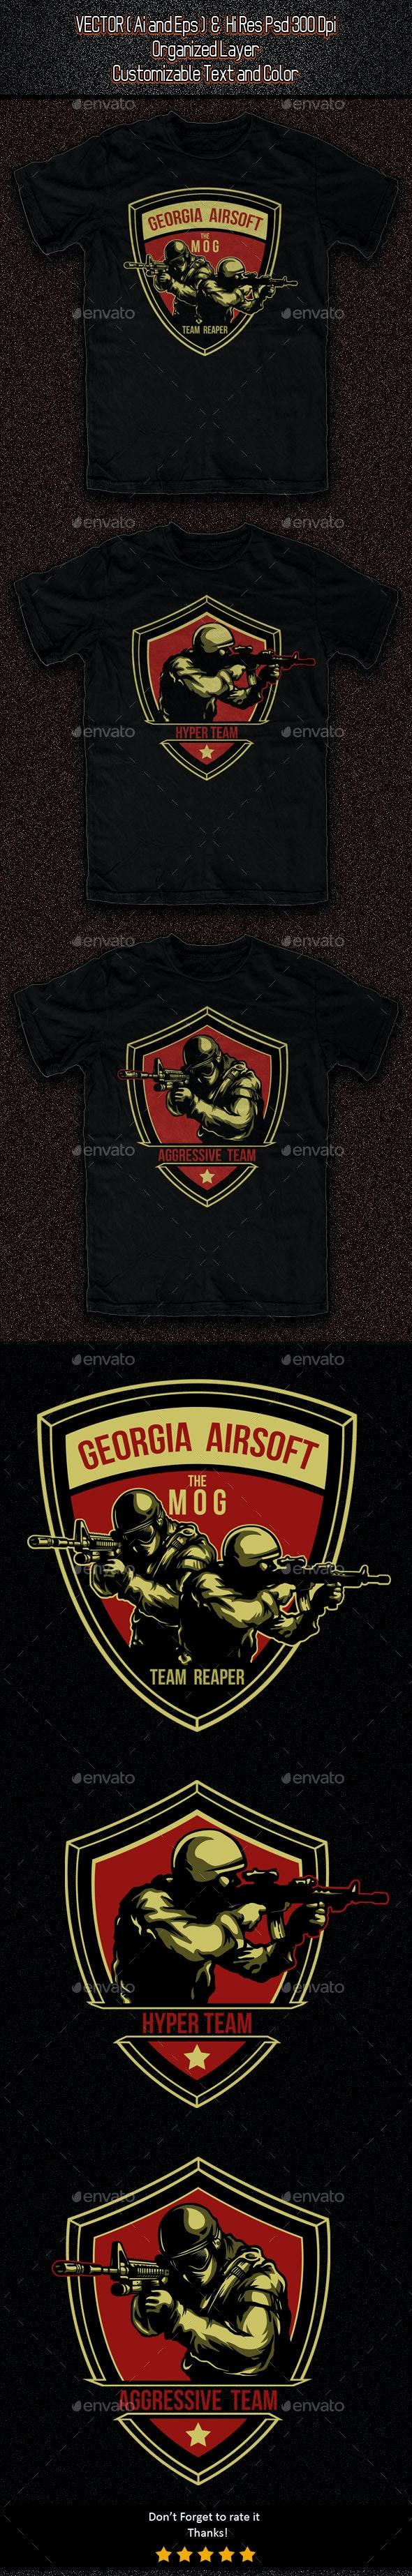 3 Airsoft Gun Template - Sports & Teams T-Shirts